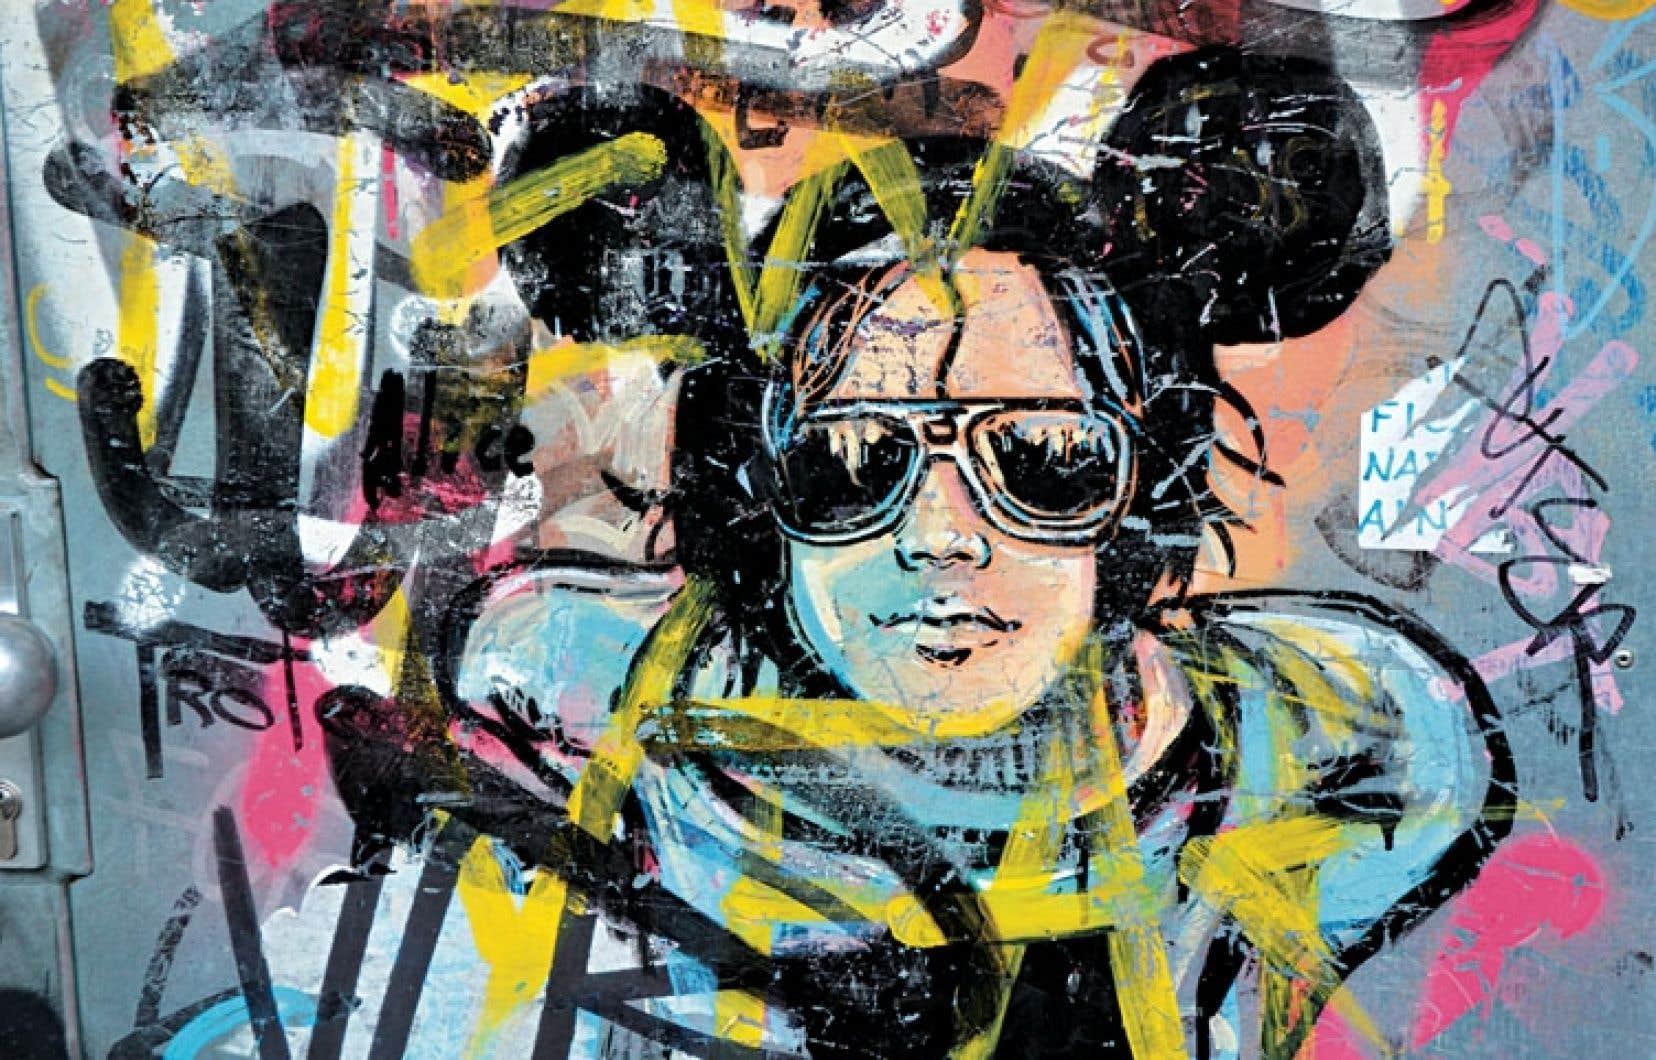 Au cours de ses séjours à Berlin, l'artiste italienne Alice Pasquini a laissé sa marque un peu partout sur les murs de la ville.